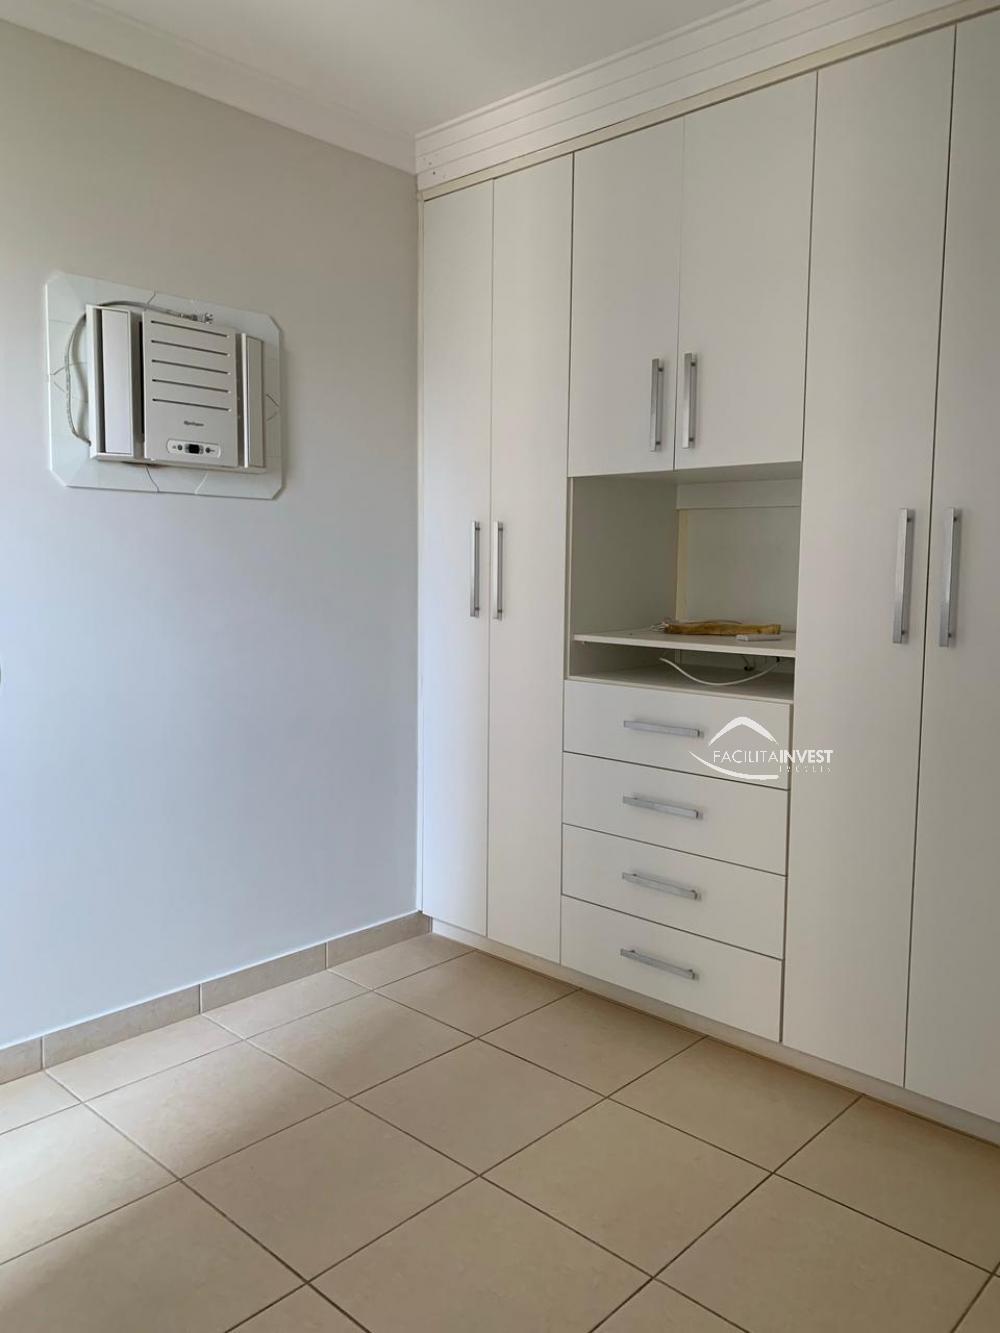 Alugar Apartamentos / Apart. Padrão em Ribeirão Preto R$ 2.800,00 - Foto 17